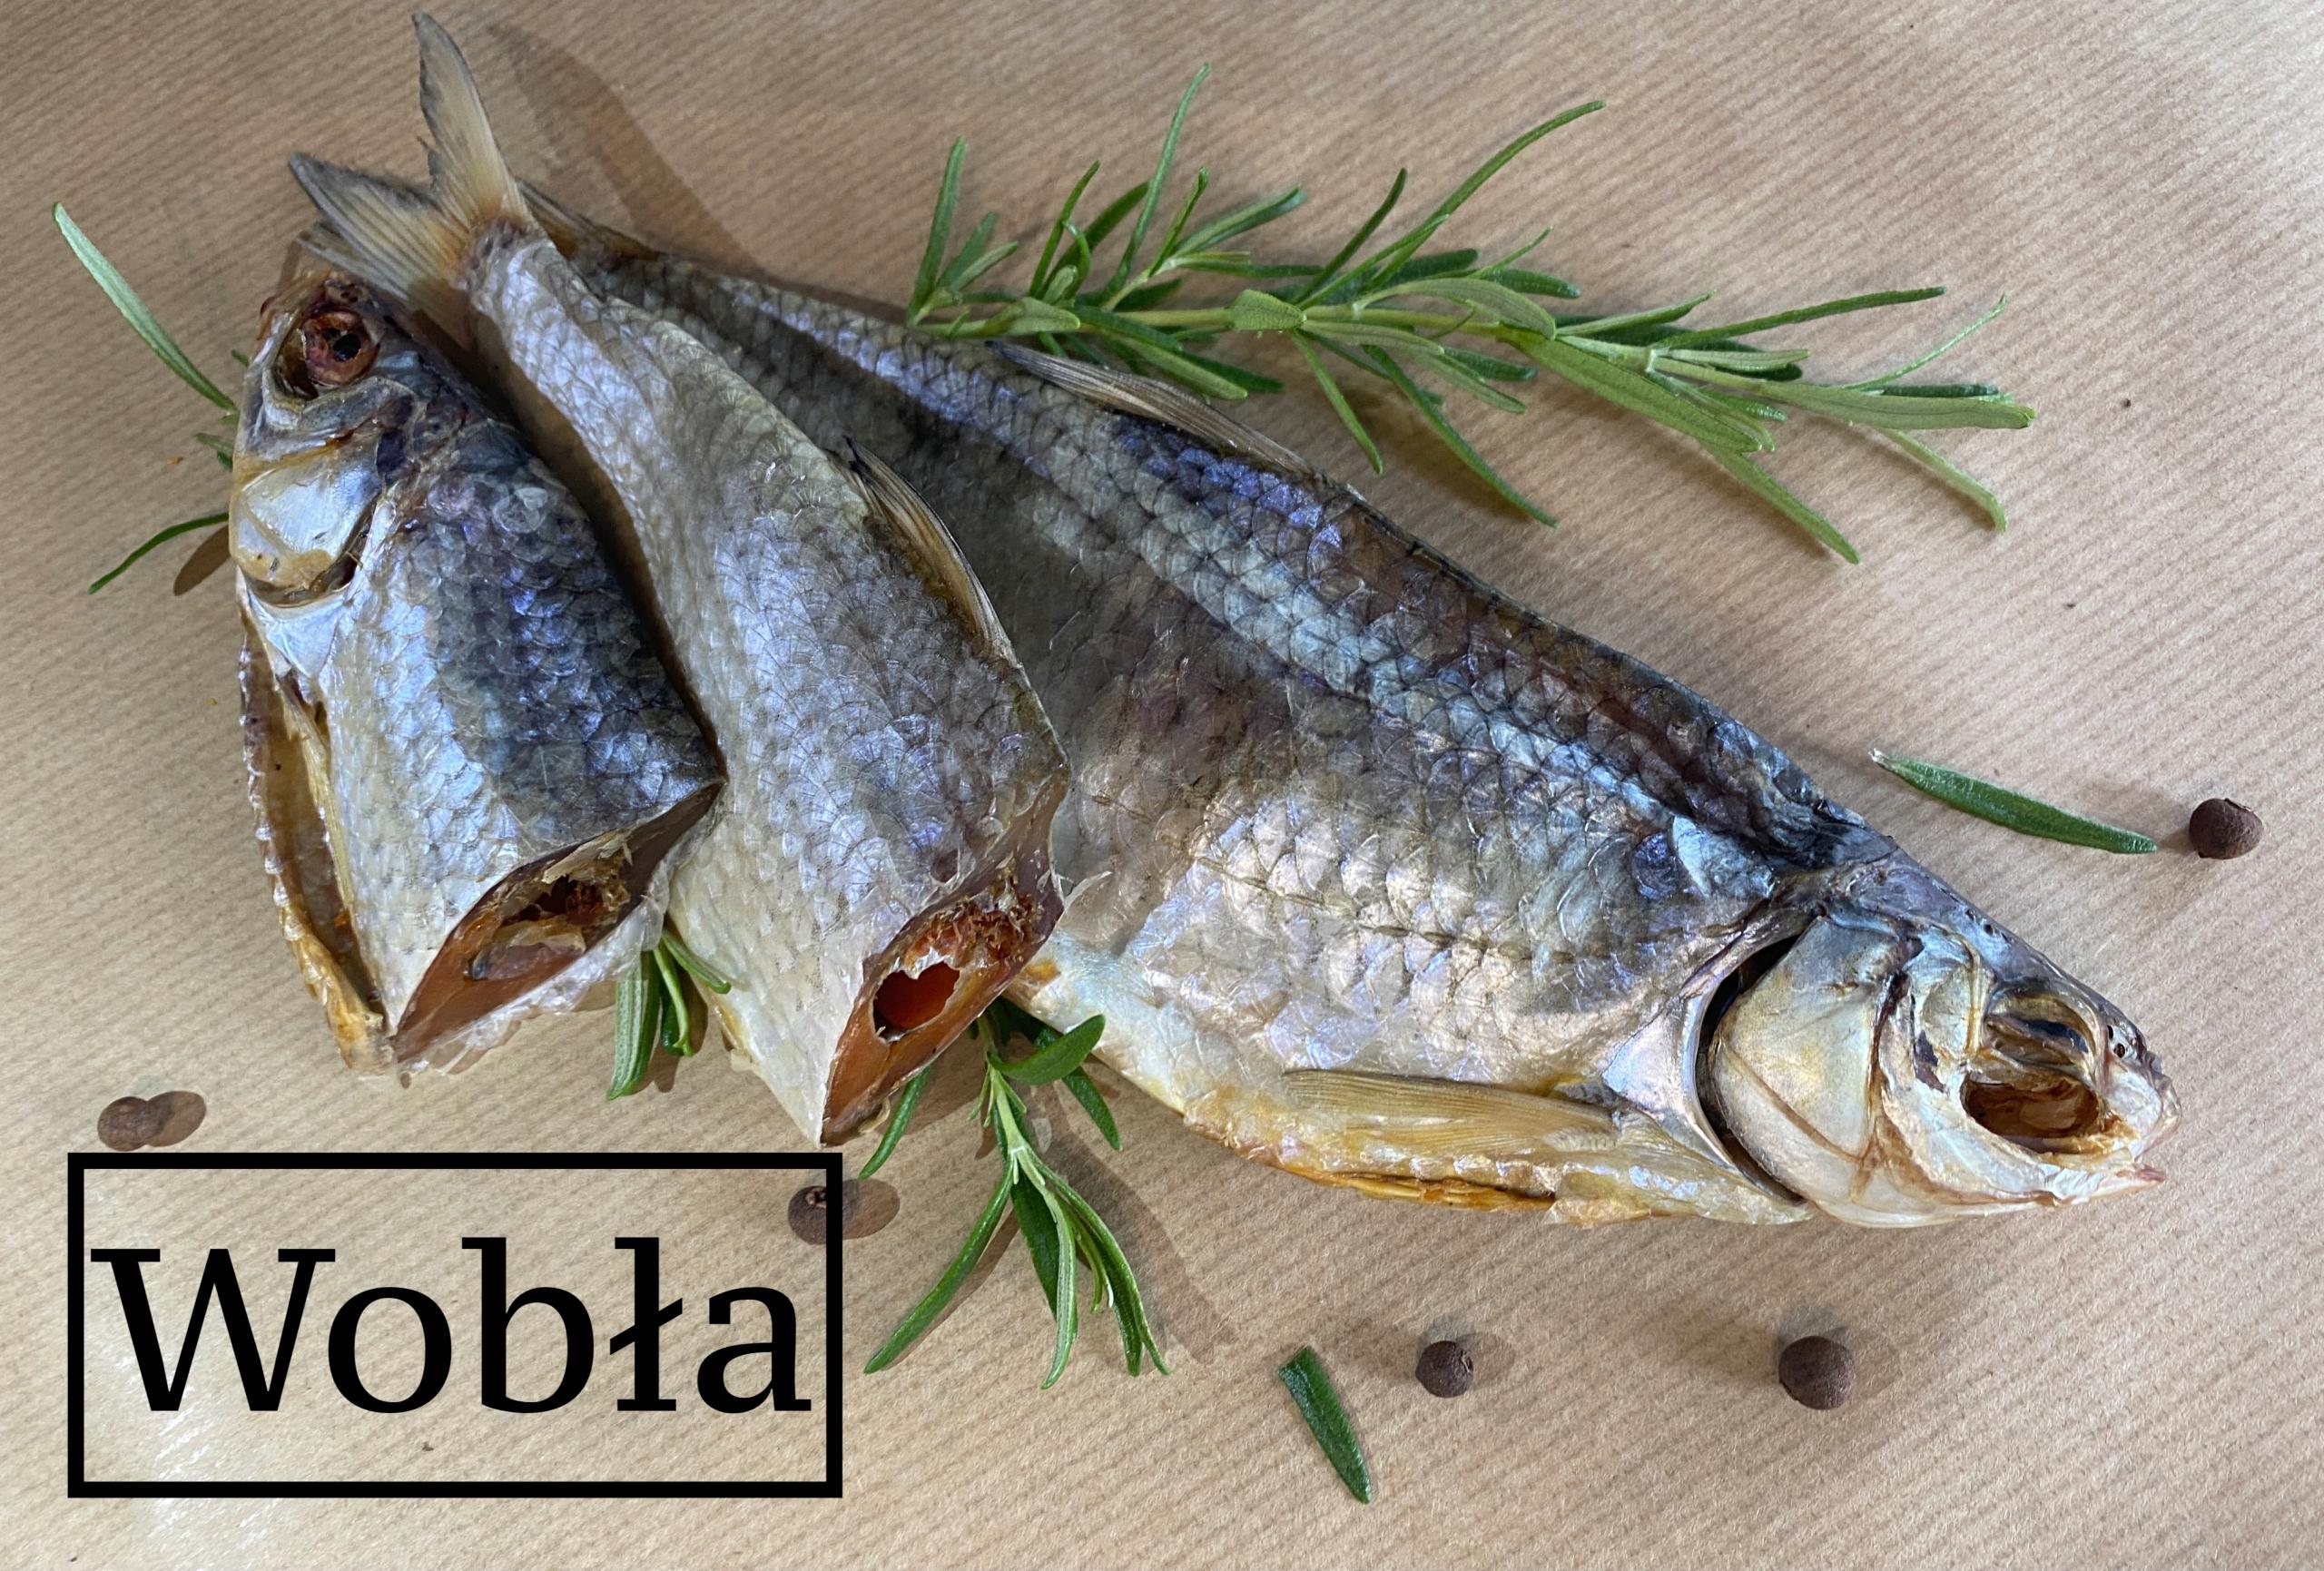 Вобла (Каспийская плотва) Вяленая рыба 10 кг